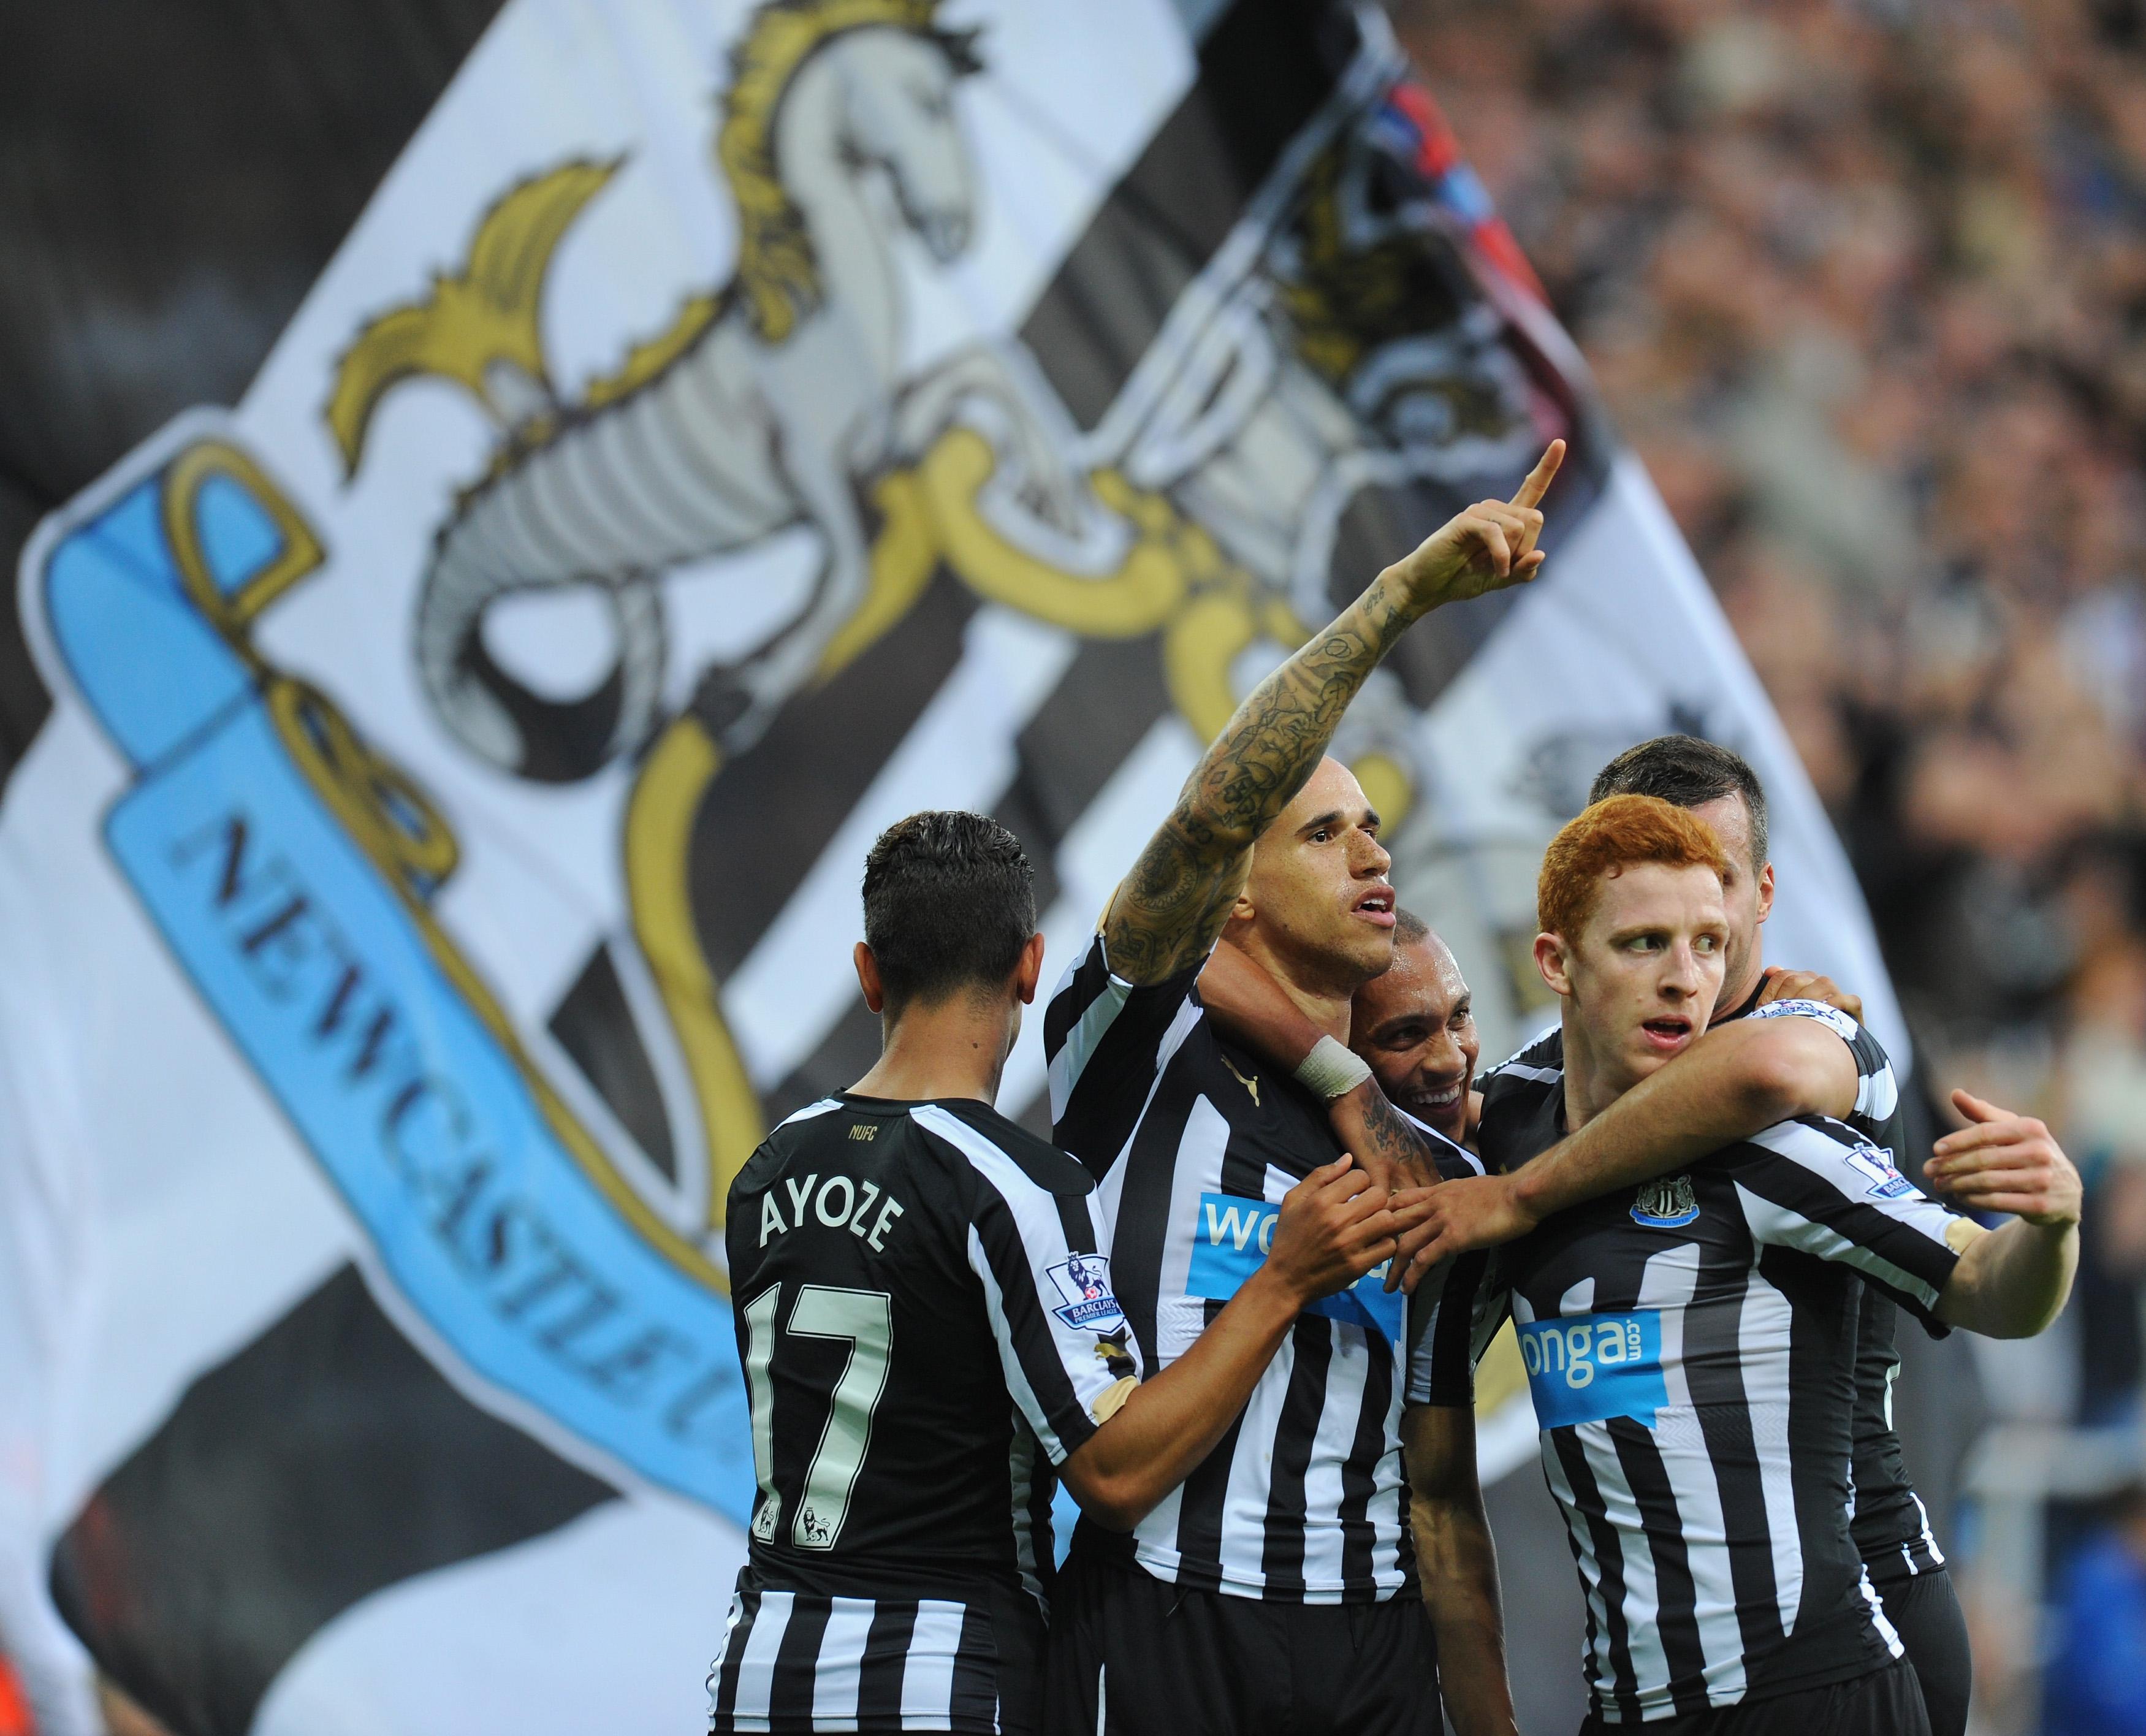 Voetbalwedstrijd in Newcastle - leuk met kinderen!